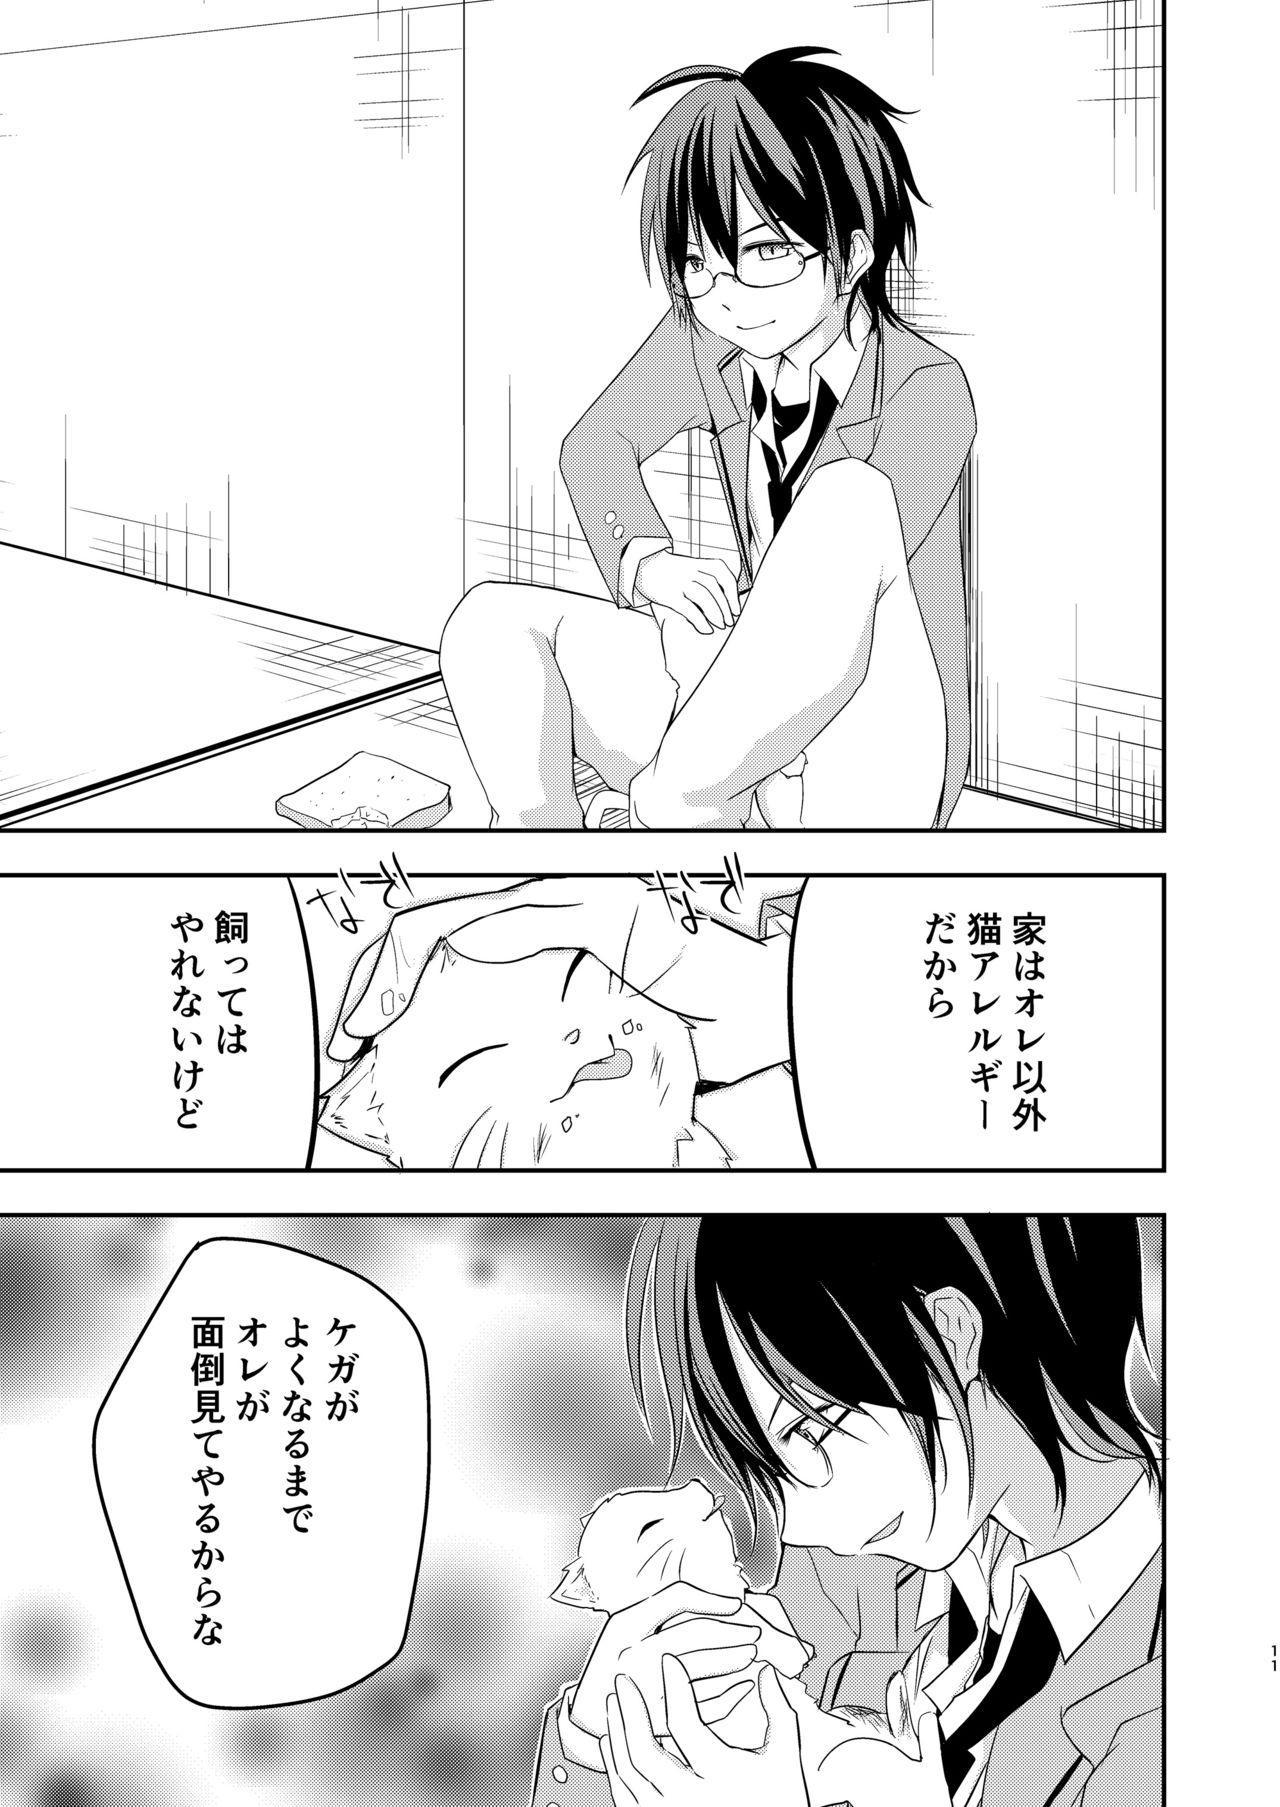 Kichiku Senpai o Yamenaide 10